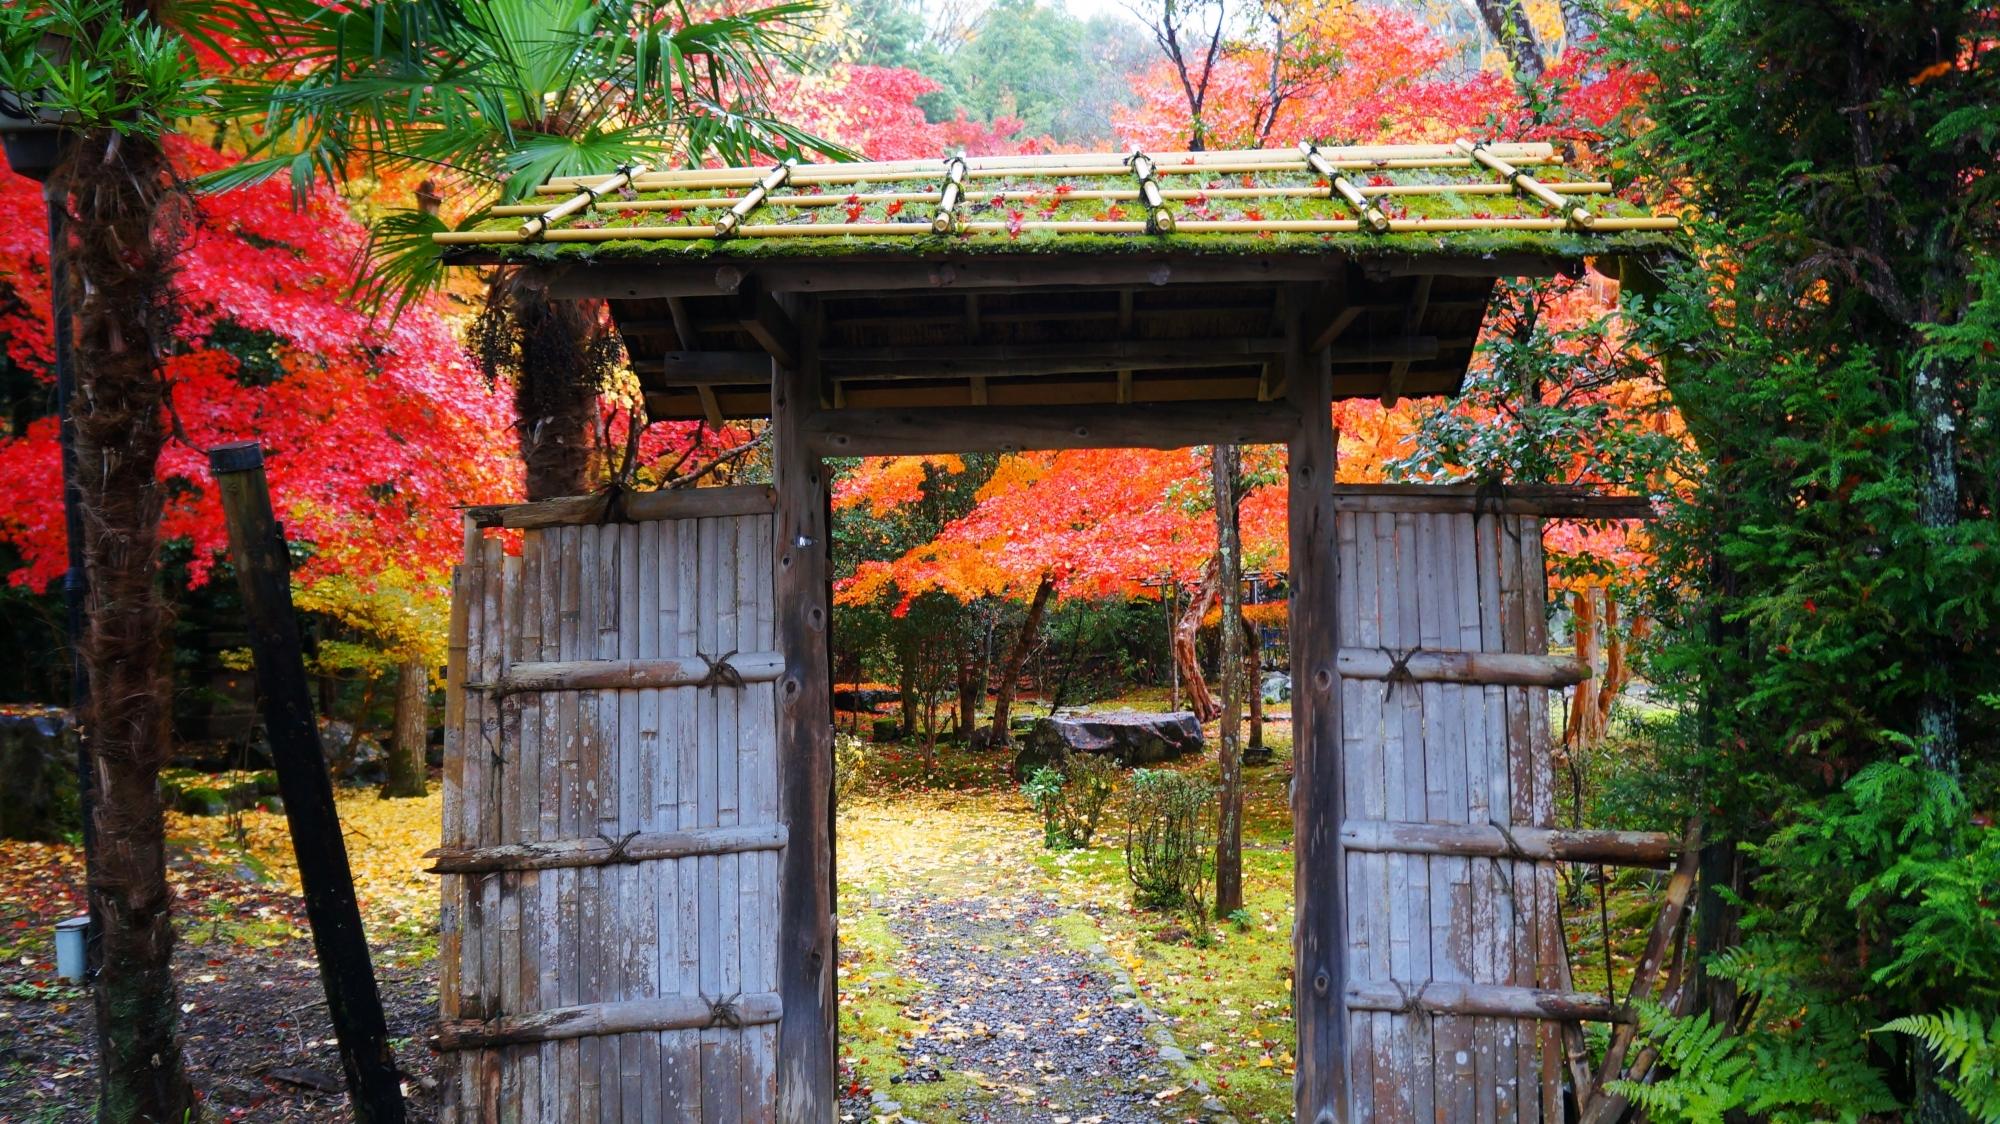 栖賢寺の門(入口)